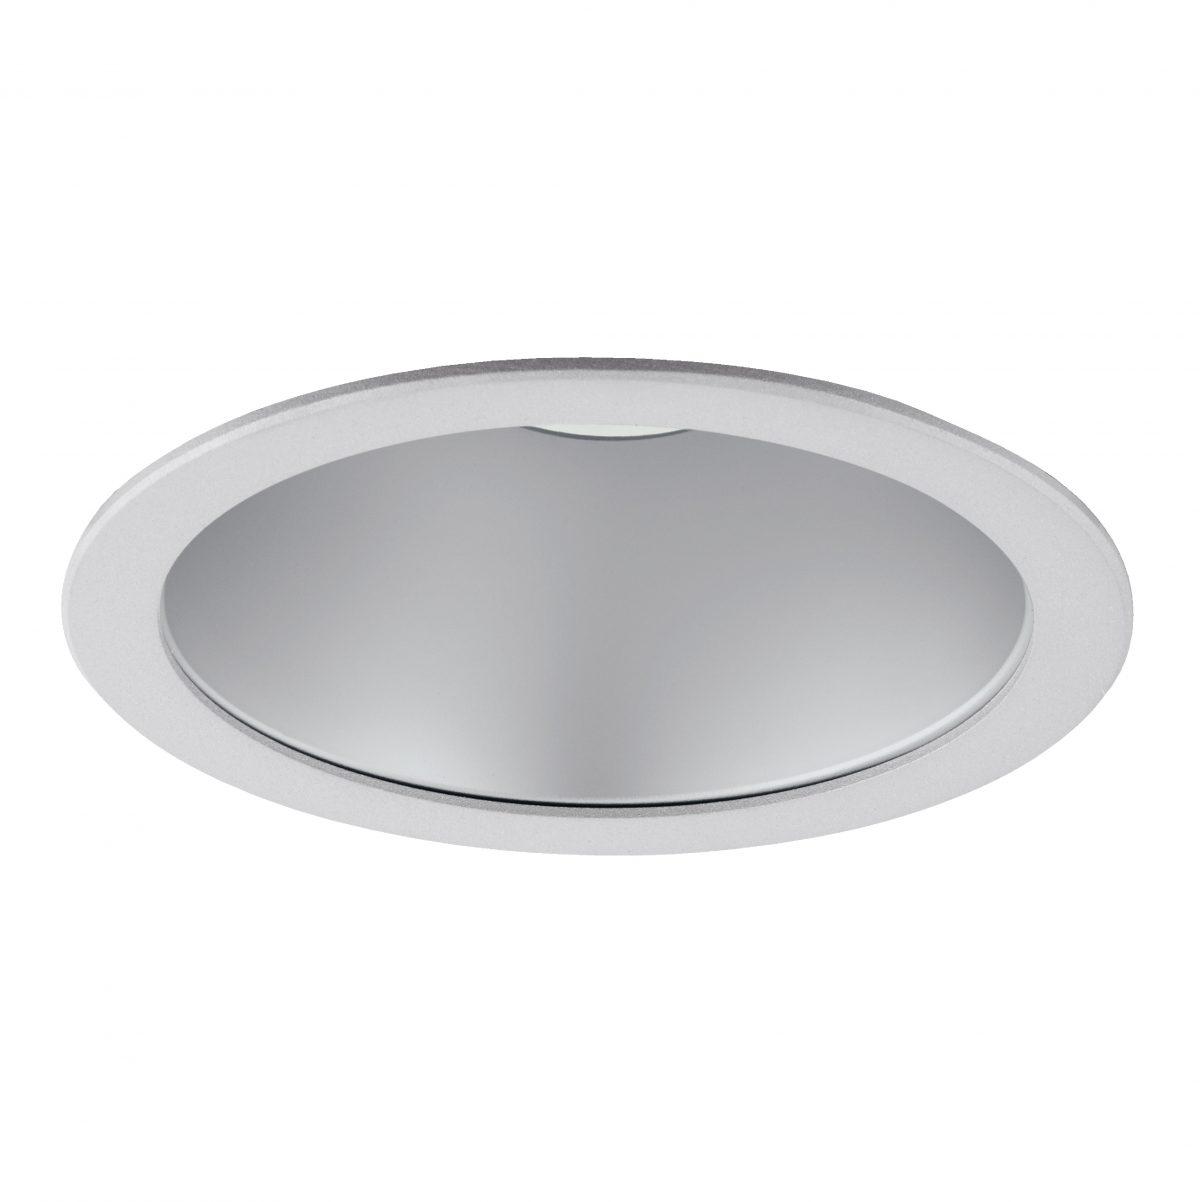 Светильник настенно-потолочный 146/PROFESSIONAL LI EGLO 61263 - Фото №28